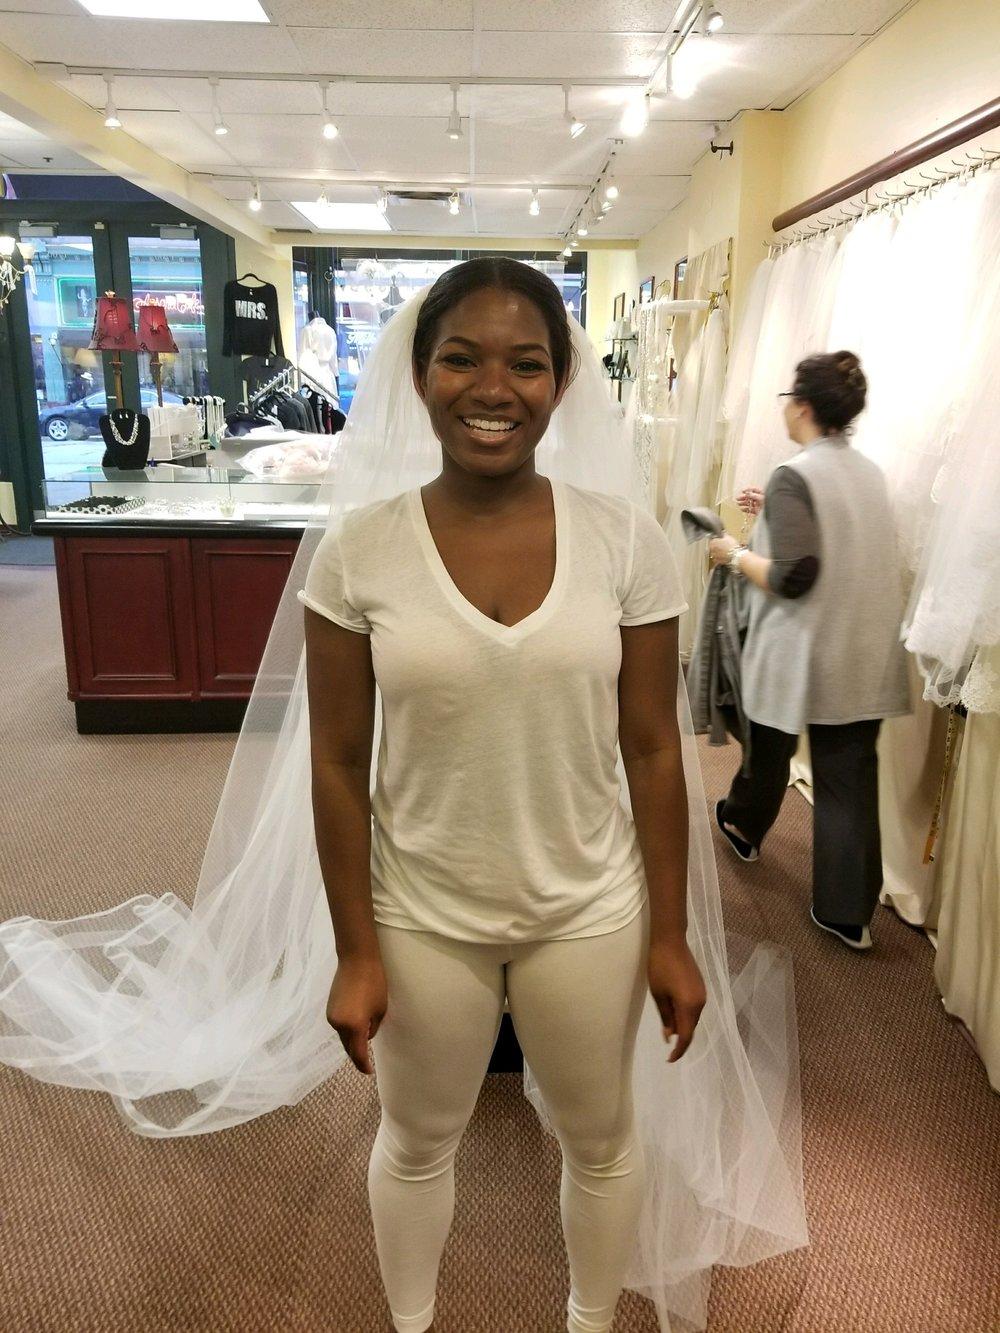 Black Destination Bride - BlackDesti Wedding Journal - Bridefriends Podcast -16 Headpiece 2 veils yes2.JPG